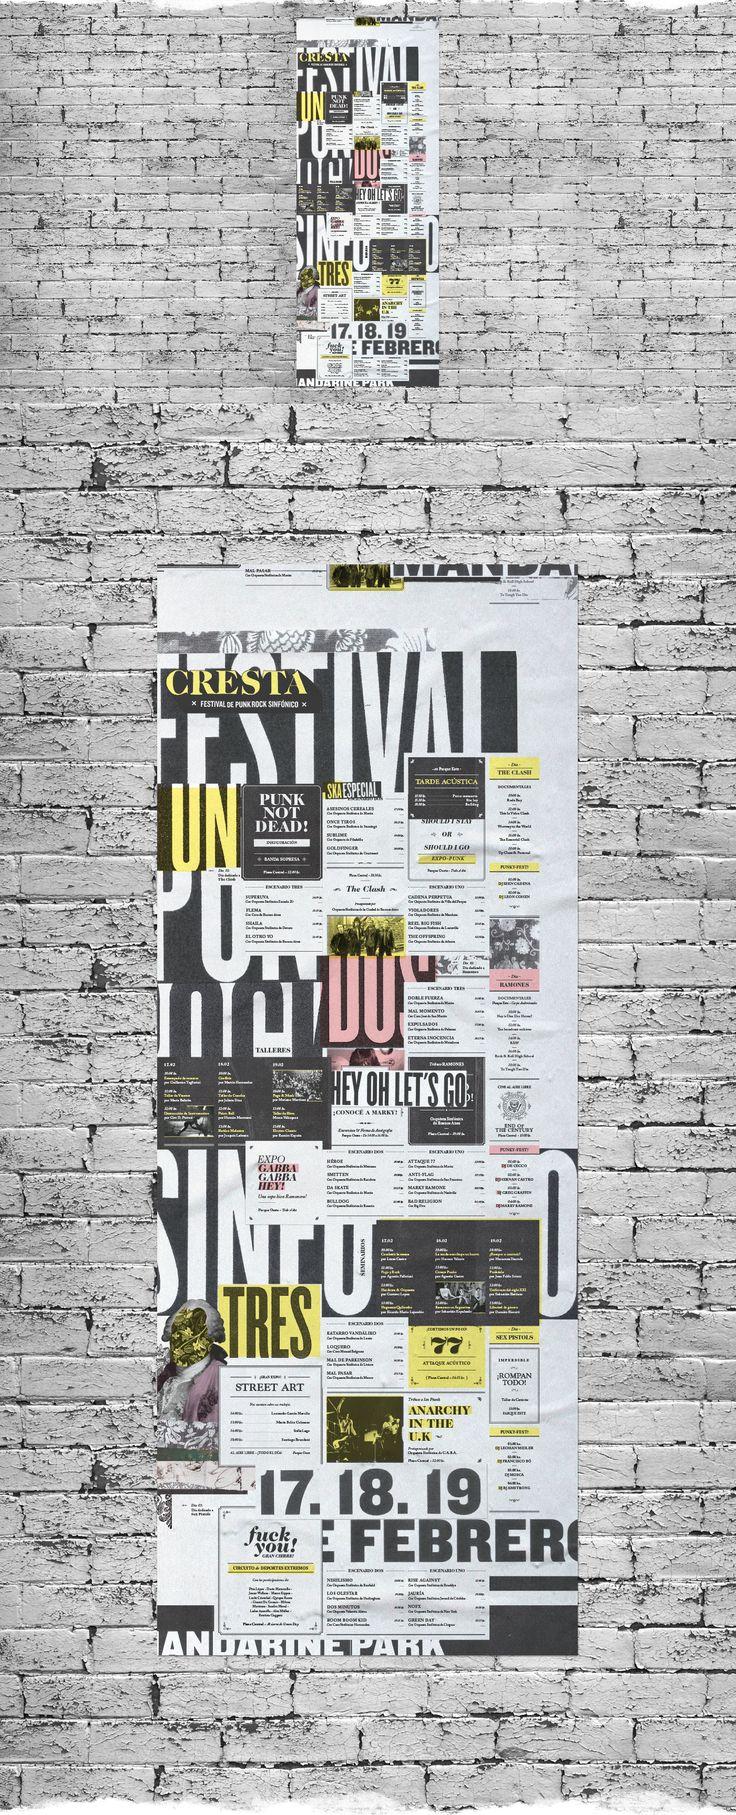 Propuesta y desarrollo gráfico de identidad de Cresta - Festival de Punk-Rock Sinfónico.Piezas desarrolladas: Marca, Afiches, Arquigrafía, Programa, Merchandising, Papelería y Sitio web.Diseño gráfico III, Cátedra Gabriele. FADU. UBA. Año 2014.